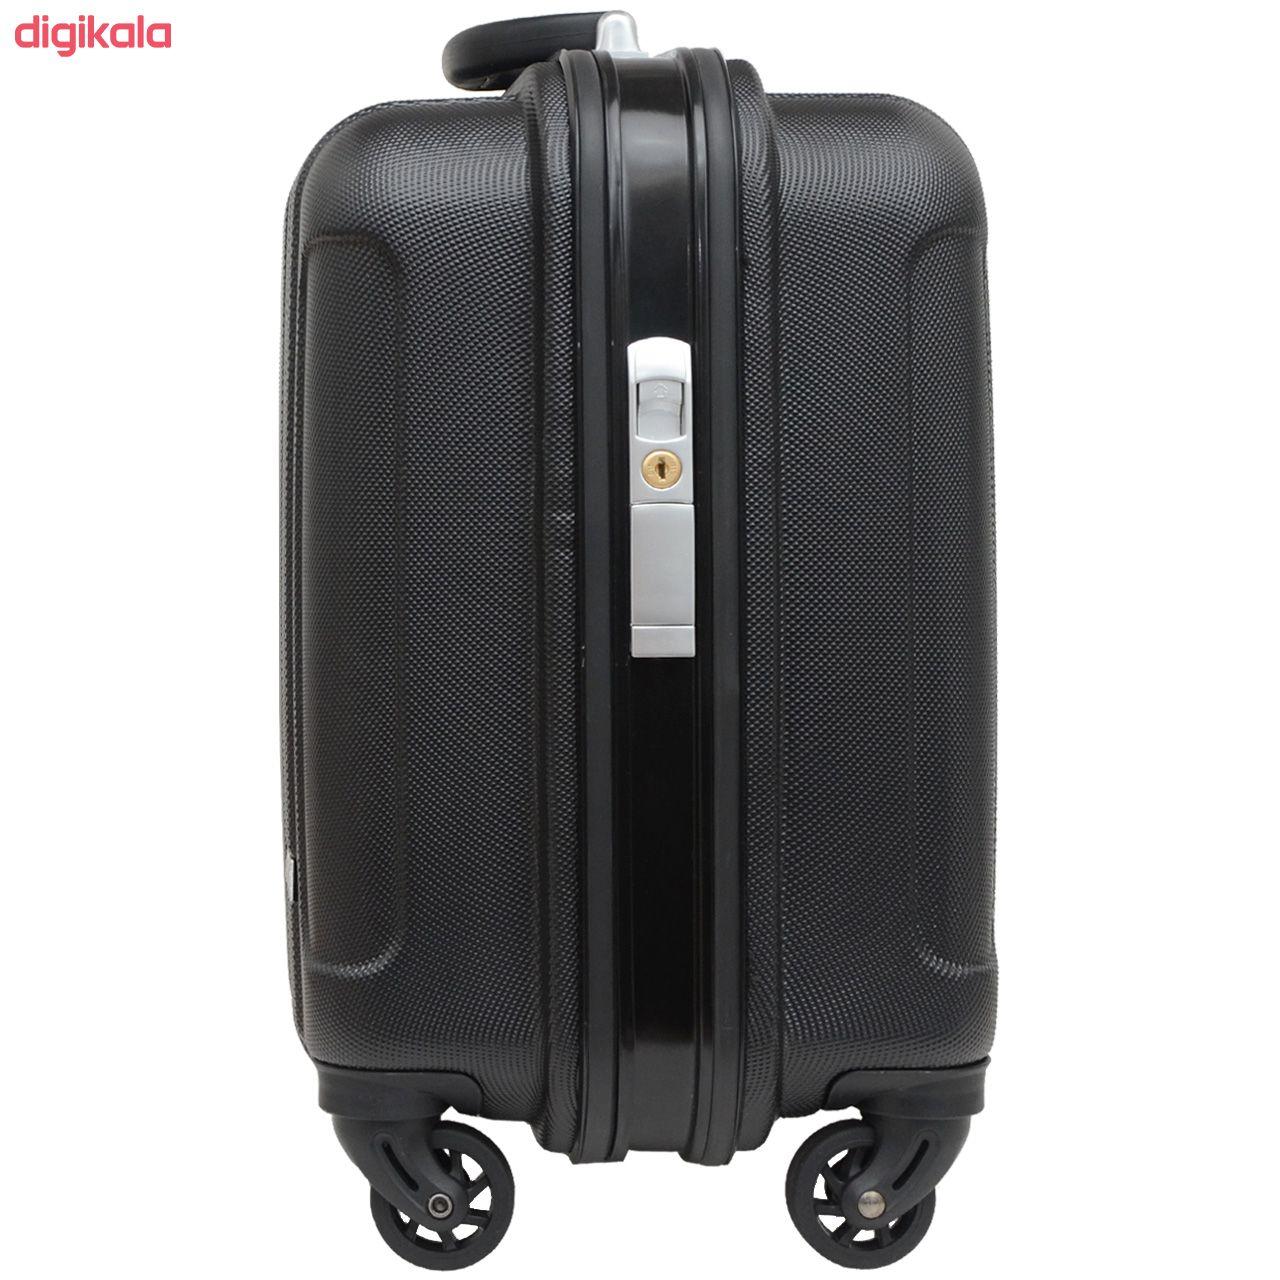 چمدان خلبانی هما مدل 600025 main 1 6